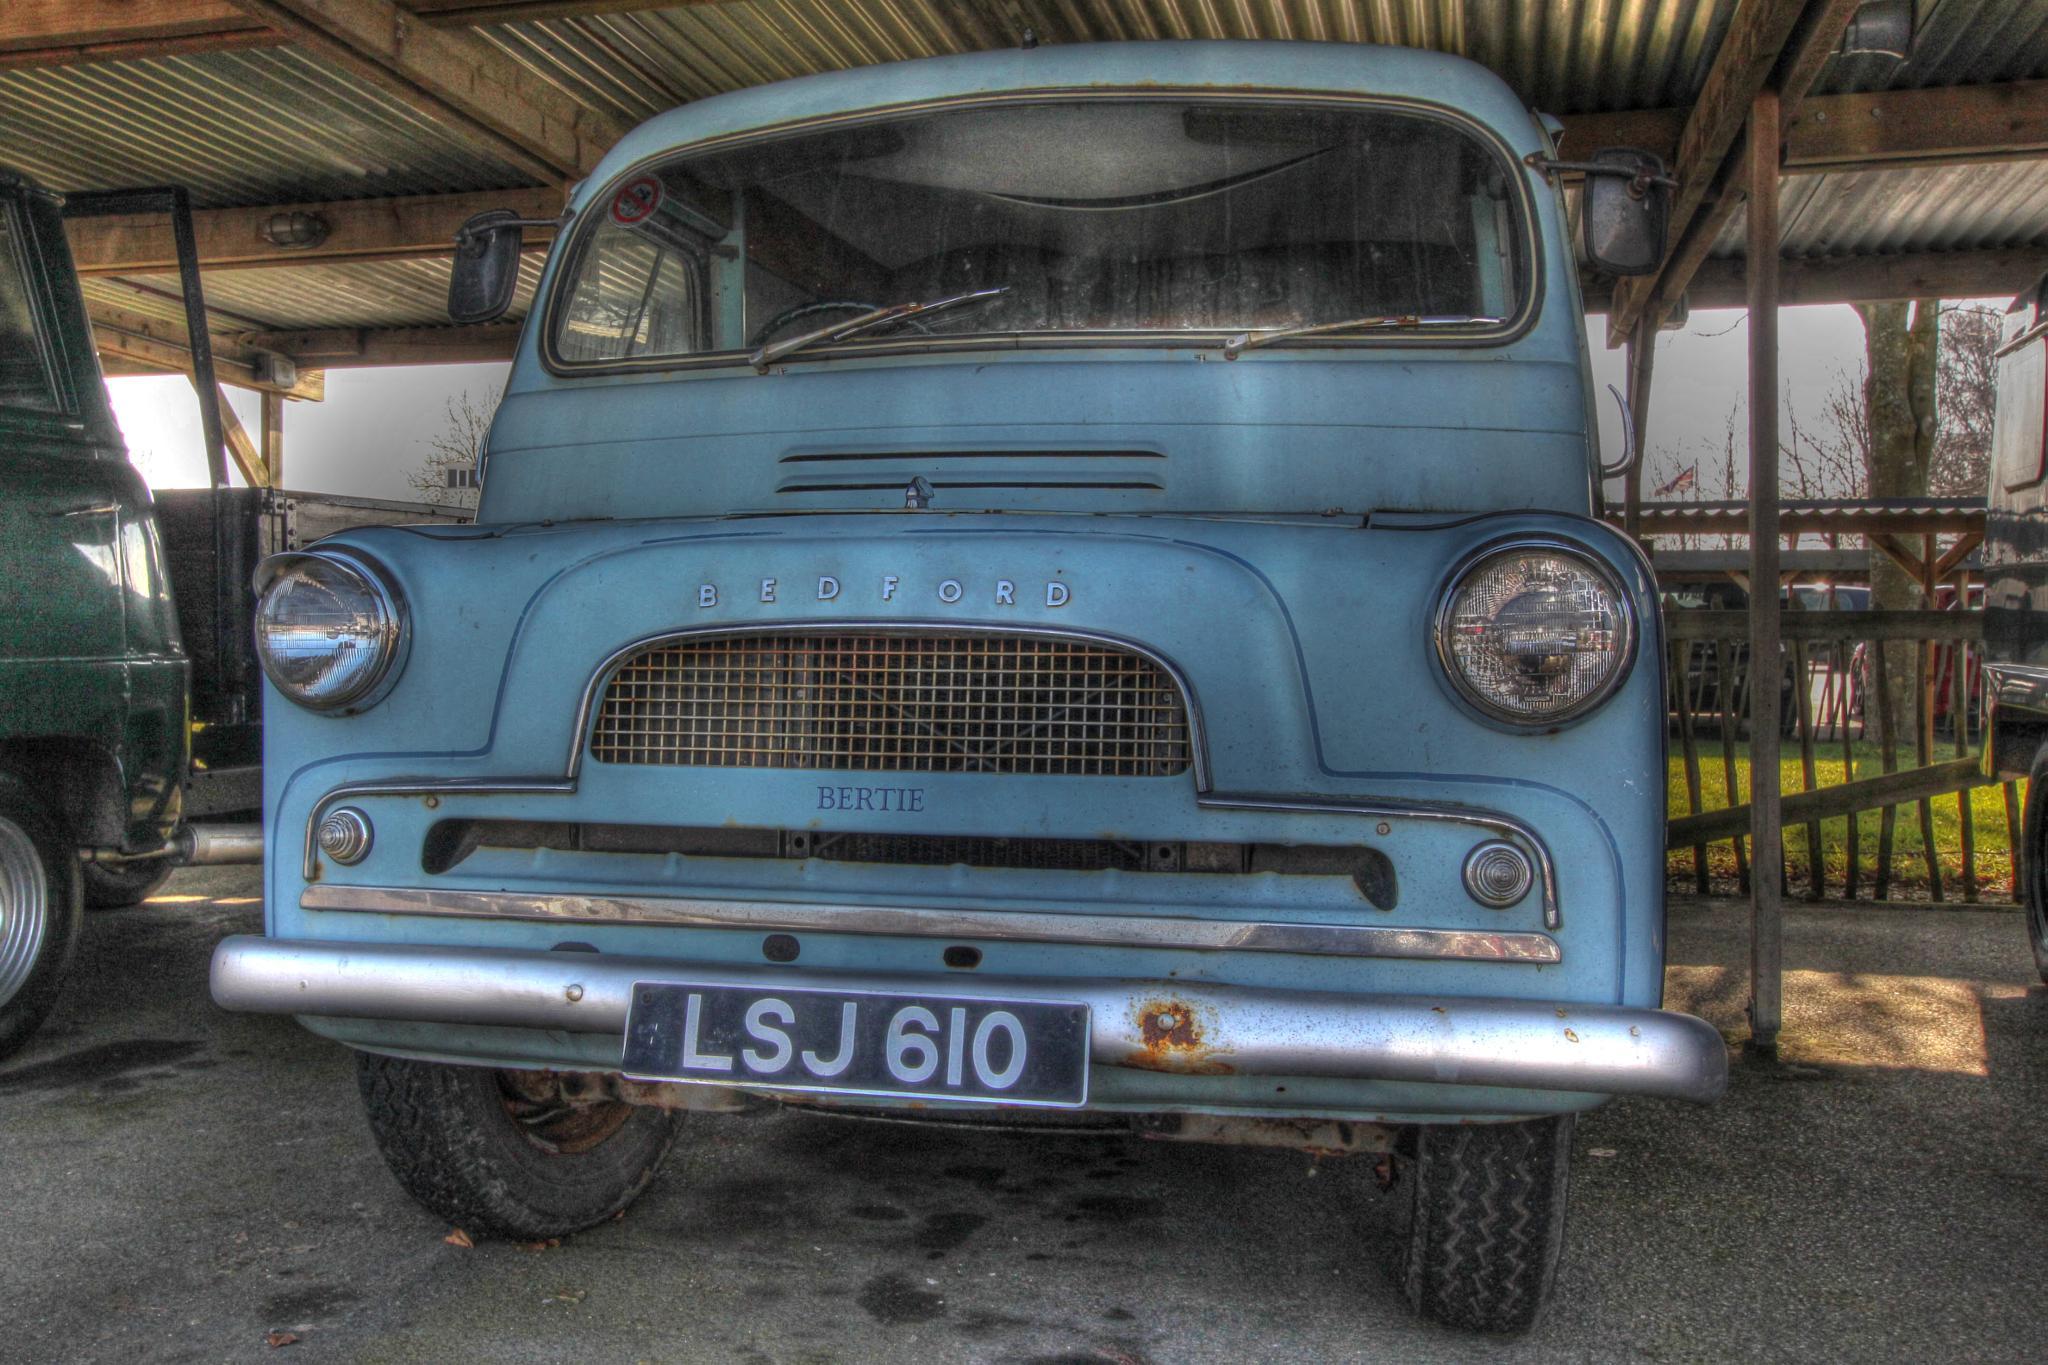 Old Bertie the Bedford Van by chris.stubbings.52